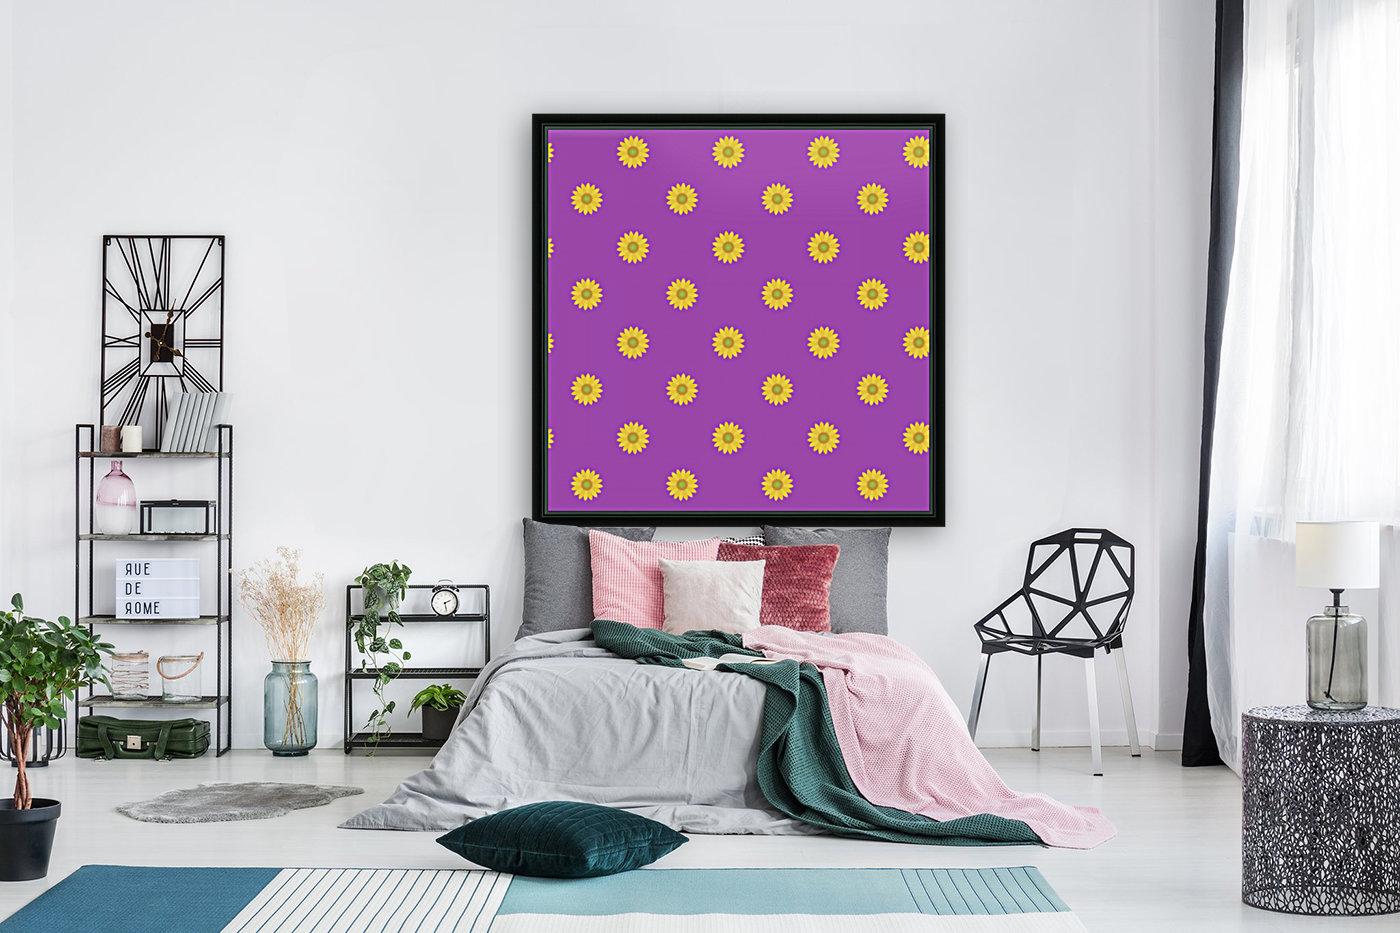 Sunflower (34)_1559876649.9597  Art